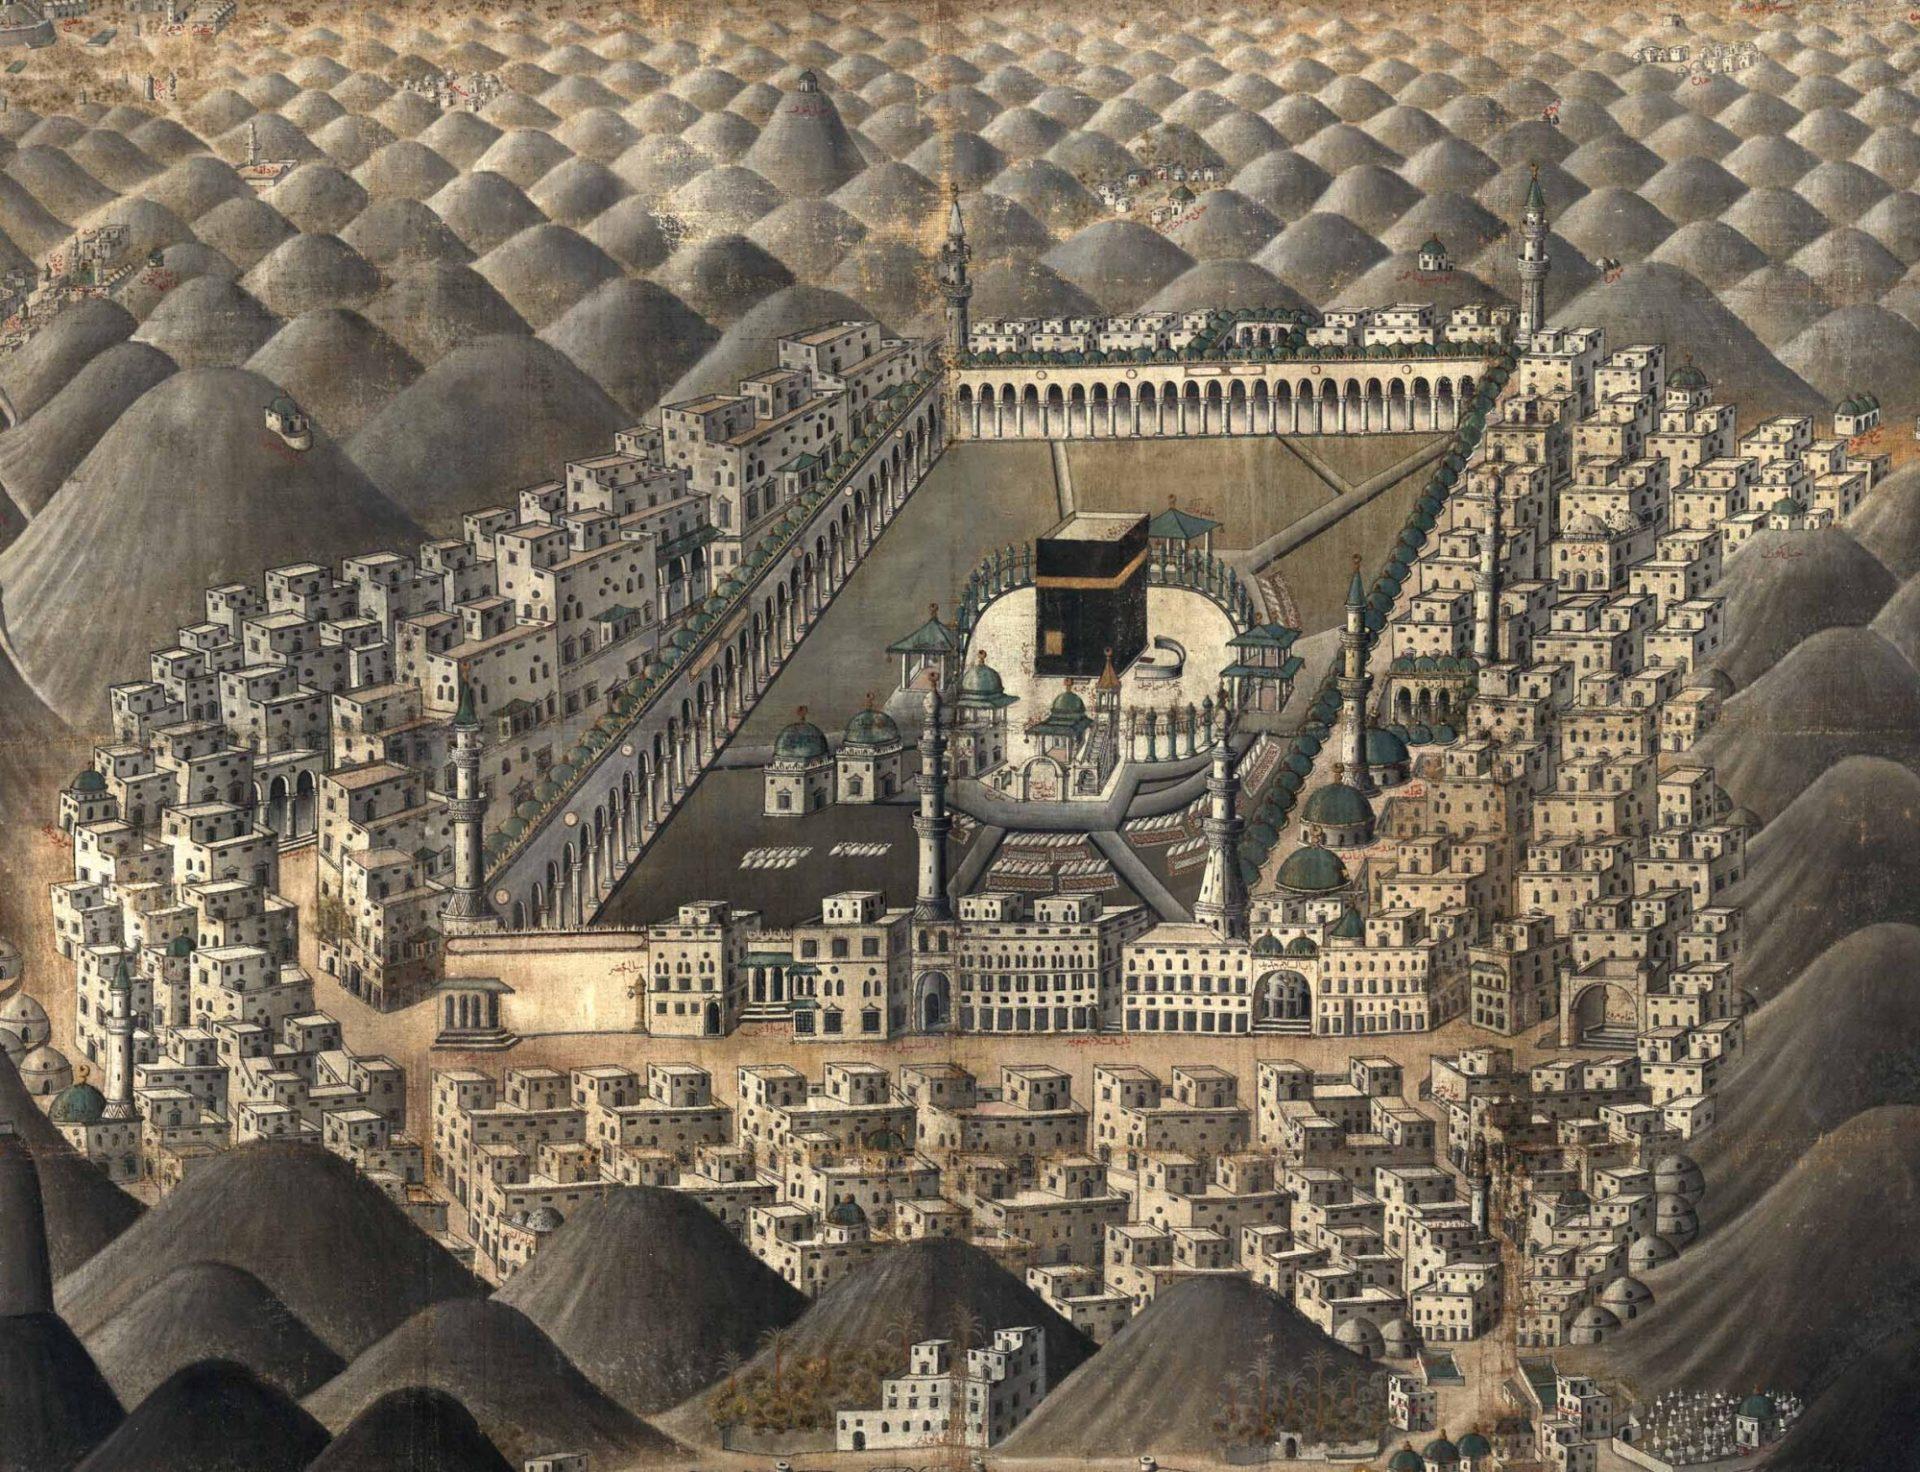 Makkah Heritage